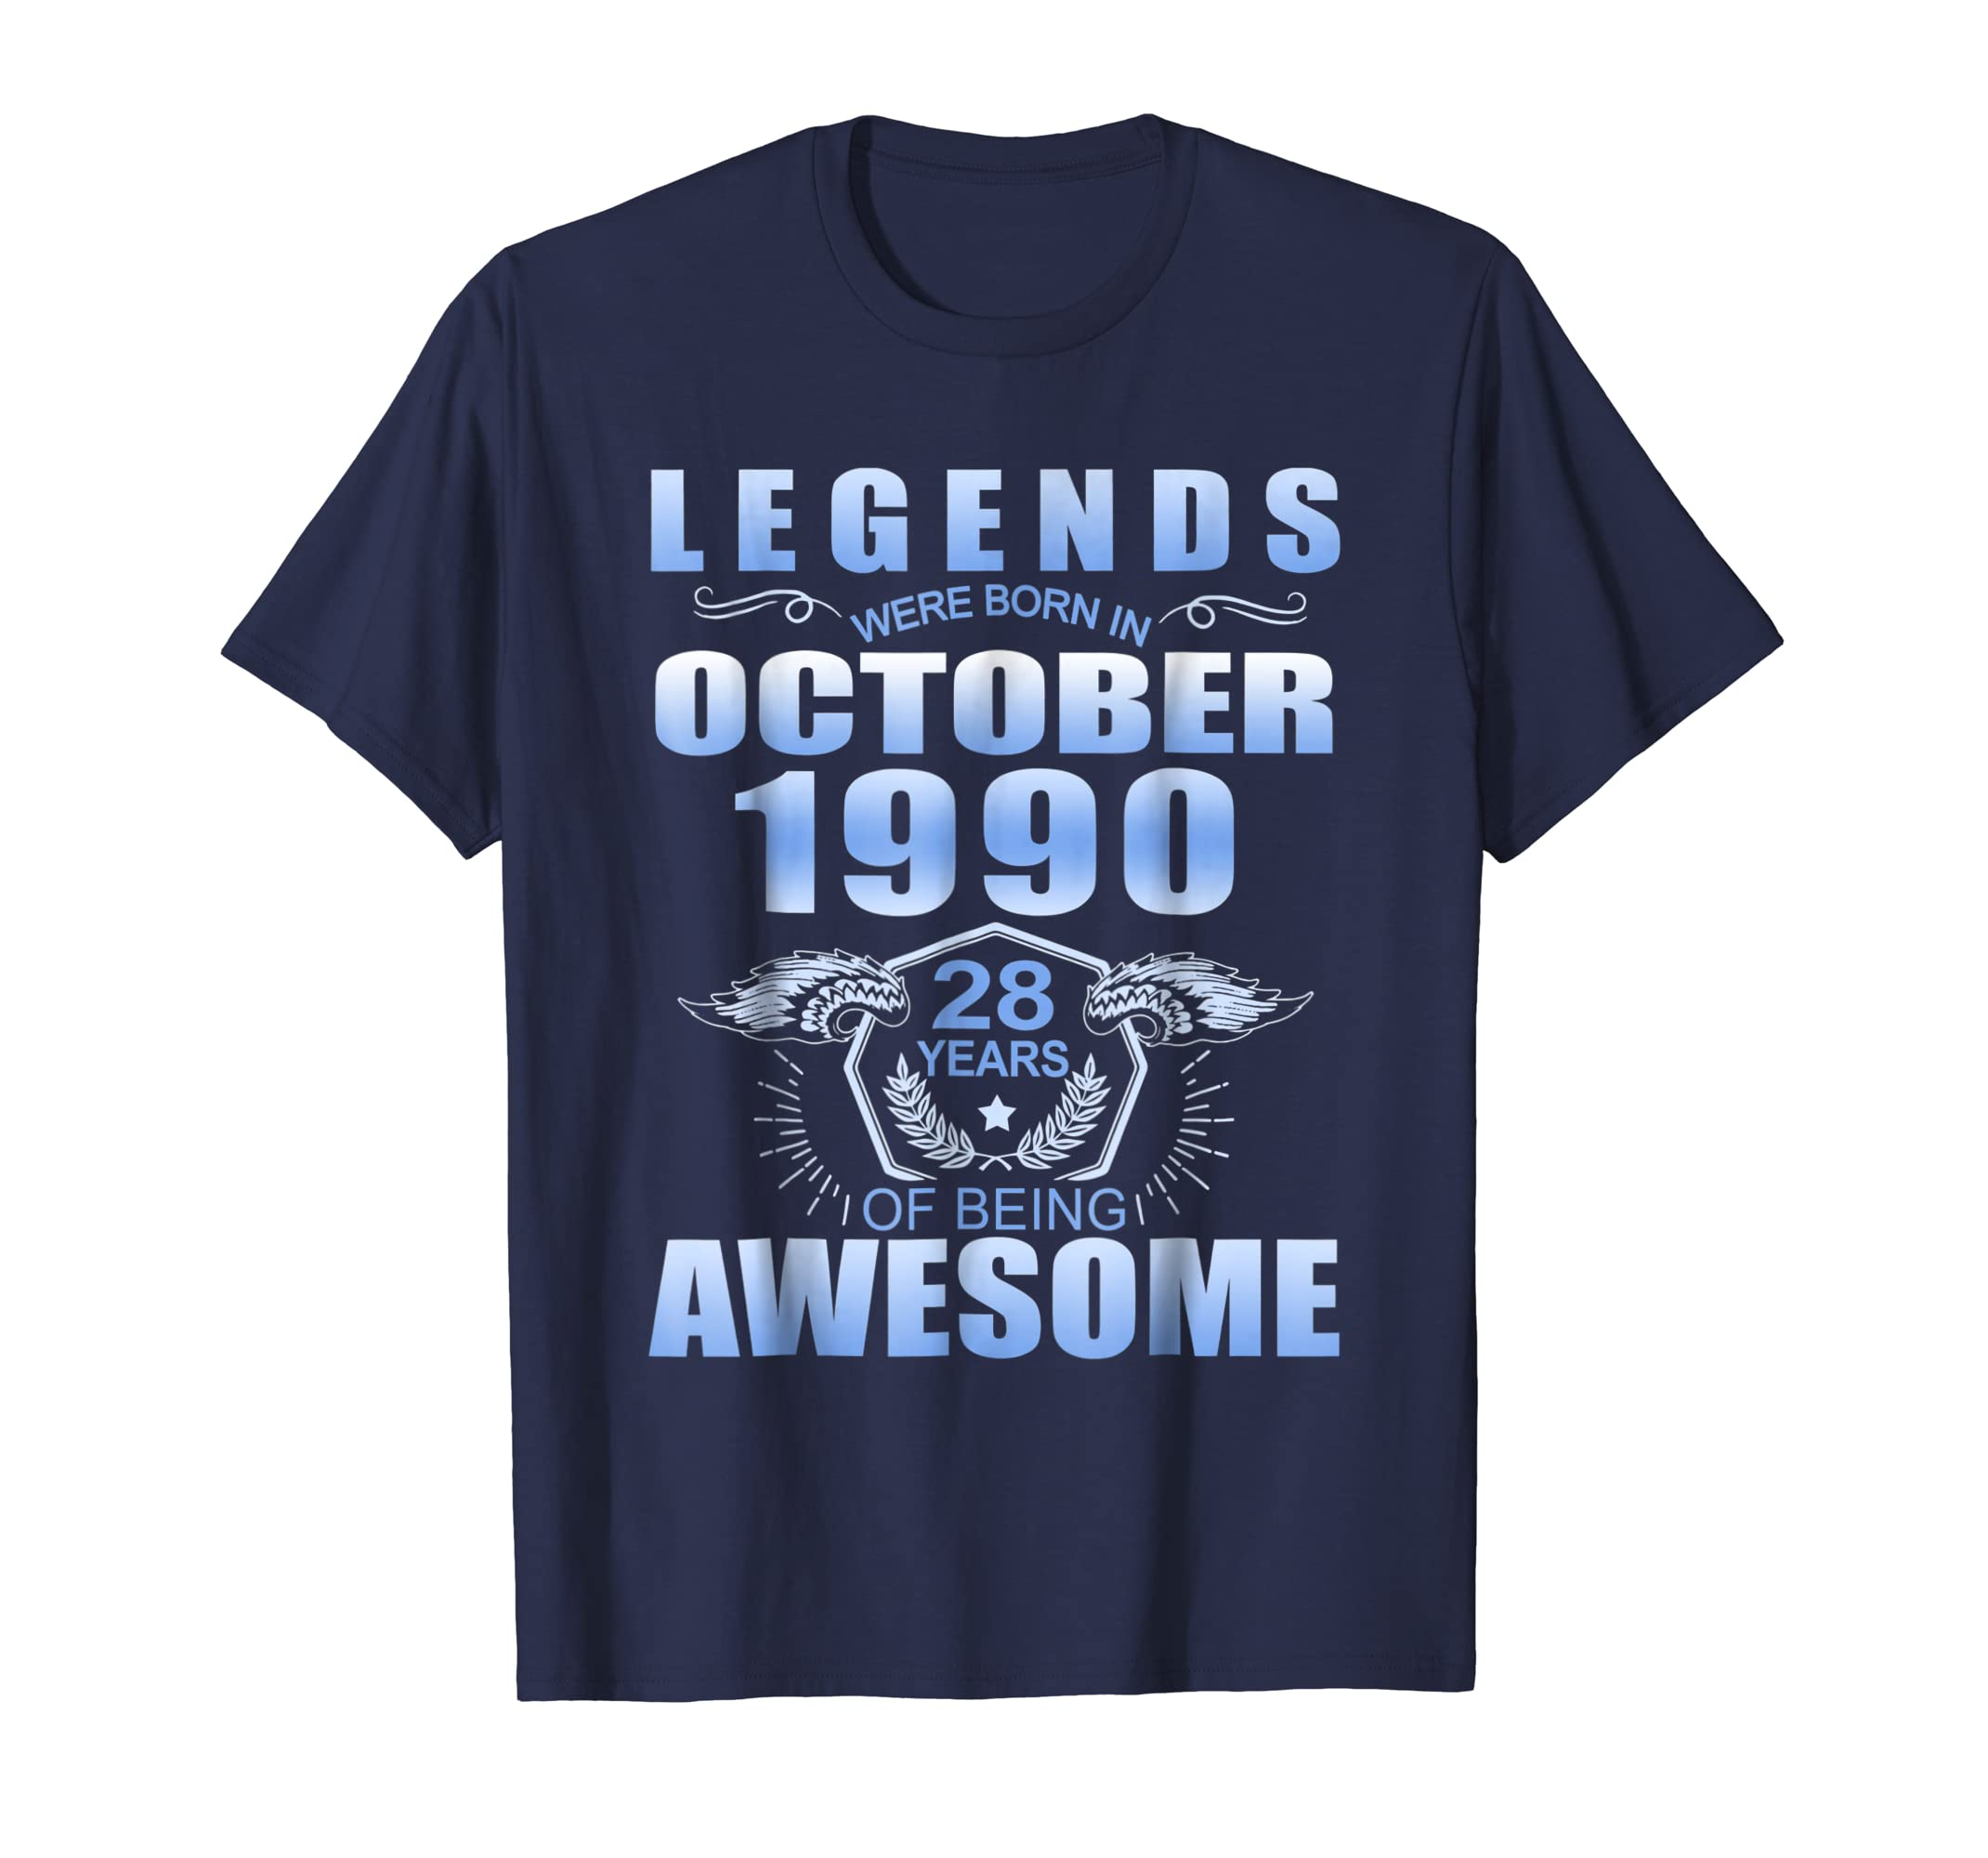 Legends Were Born in October 1990 Tshirt - 28th Birthday-SFL